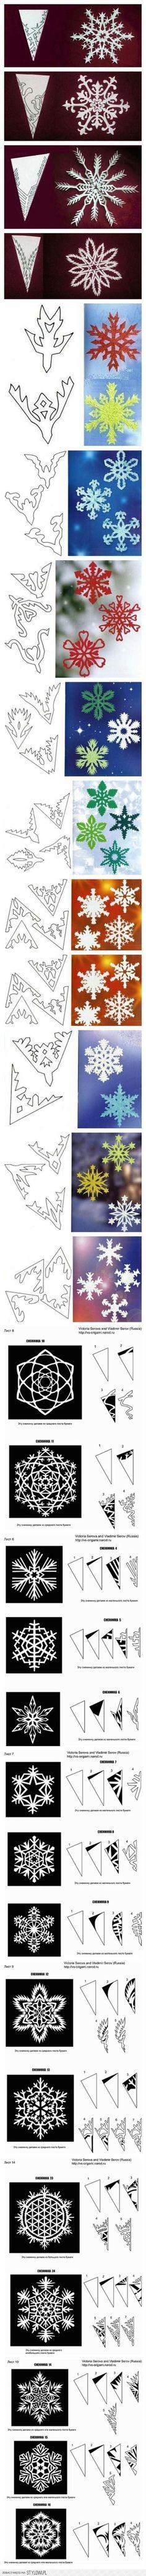 Zobacz zdjęcie płatki śniegu w pełnej rozdzielczości